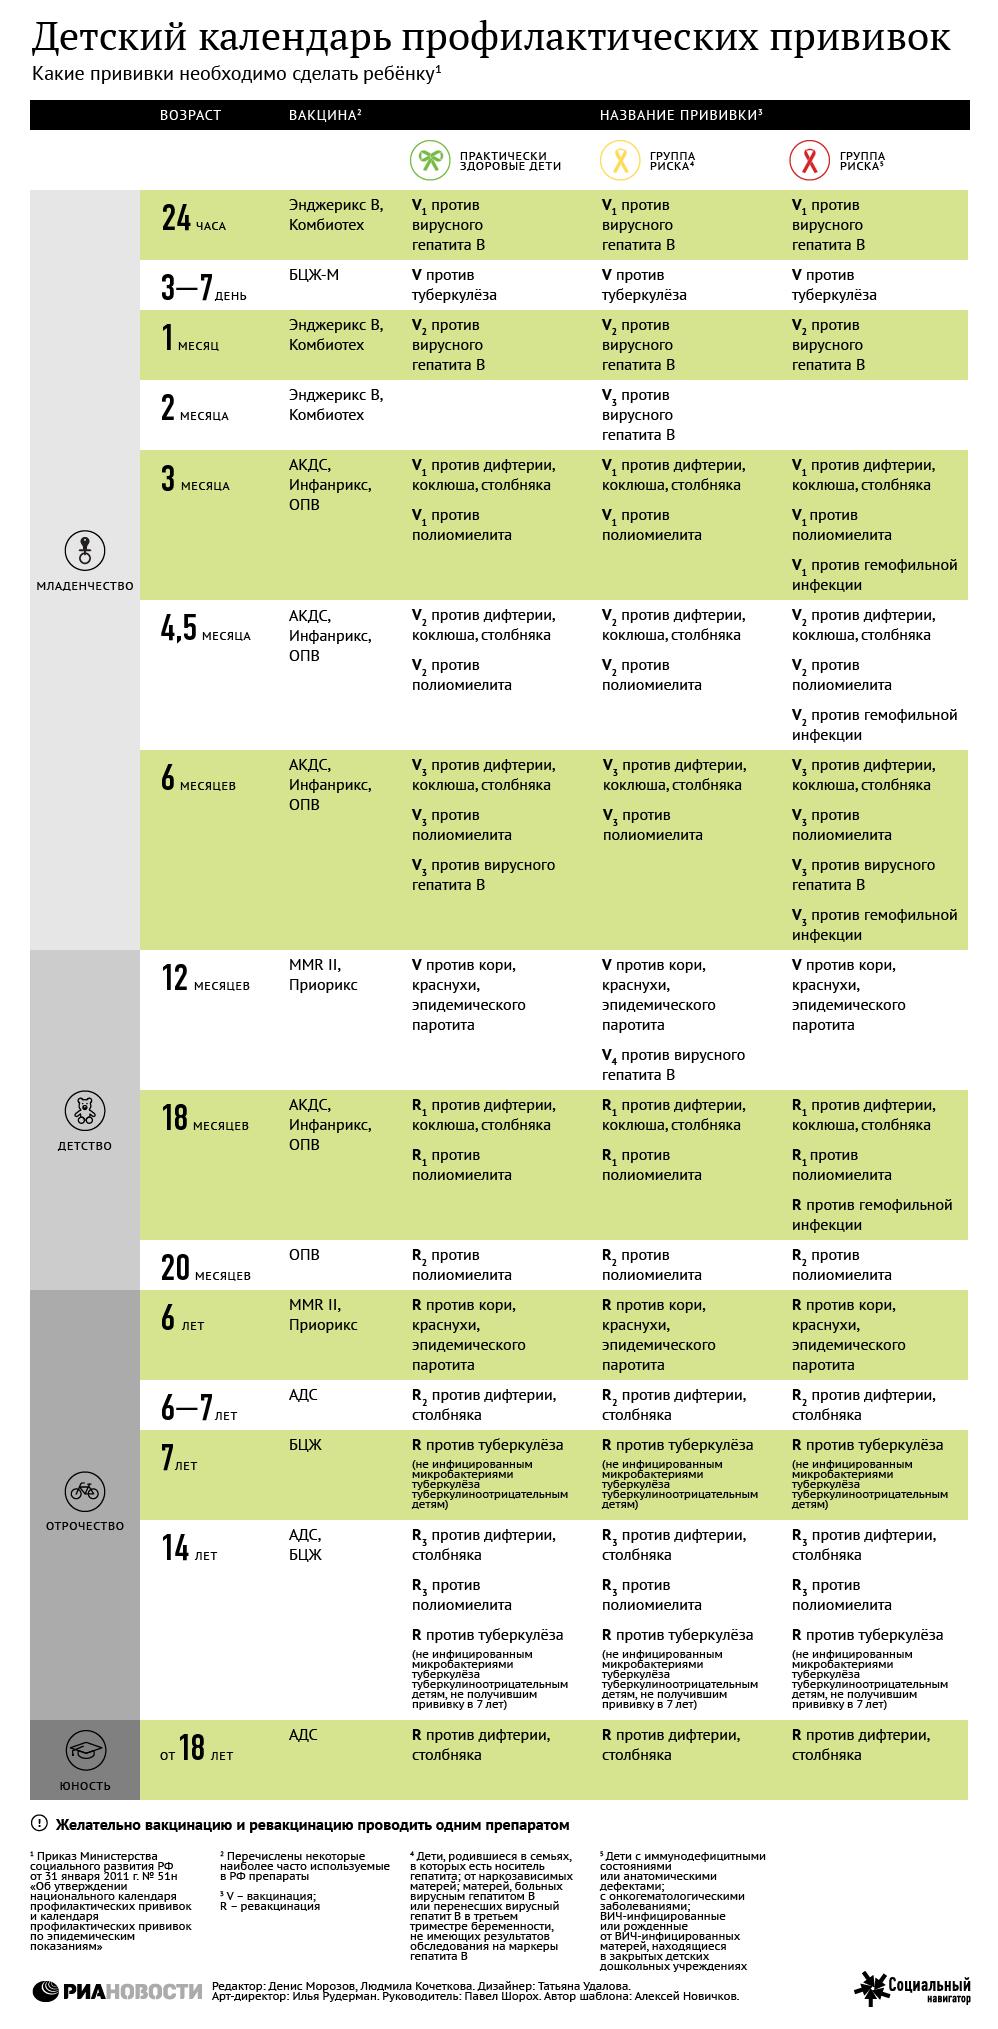 Детский календарь профилактических прививок